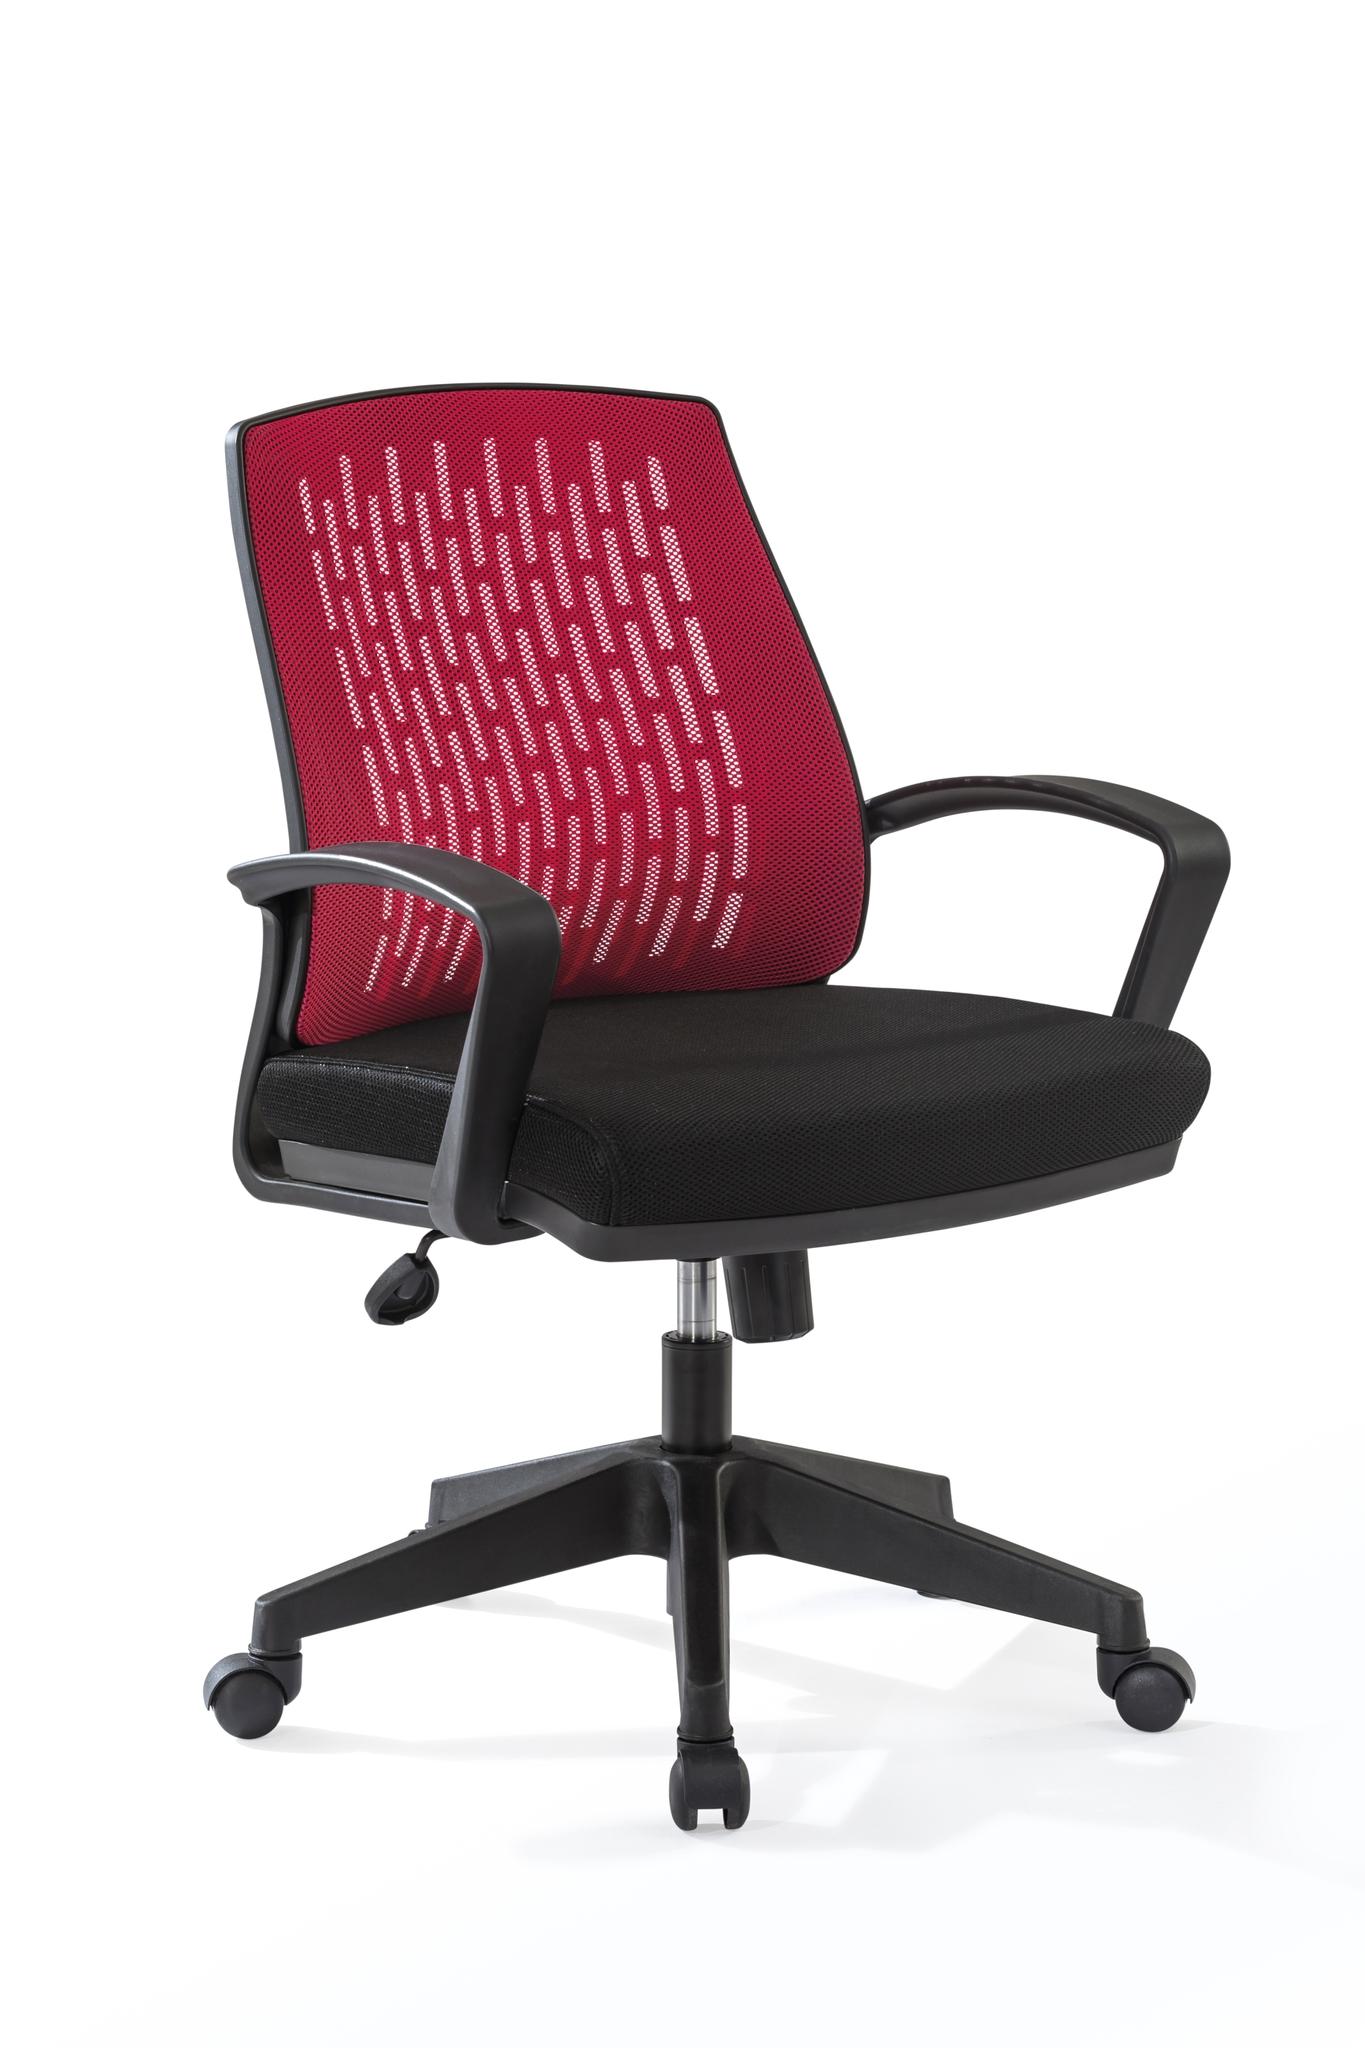 Scaun de birou pentru copii, tapitat cu stofa Comfort Red / Black, l63xA63xH85-95 cm imagine